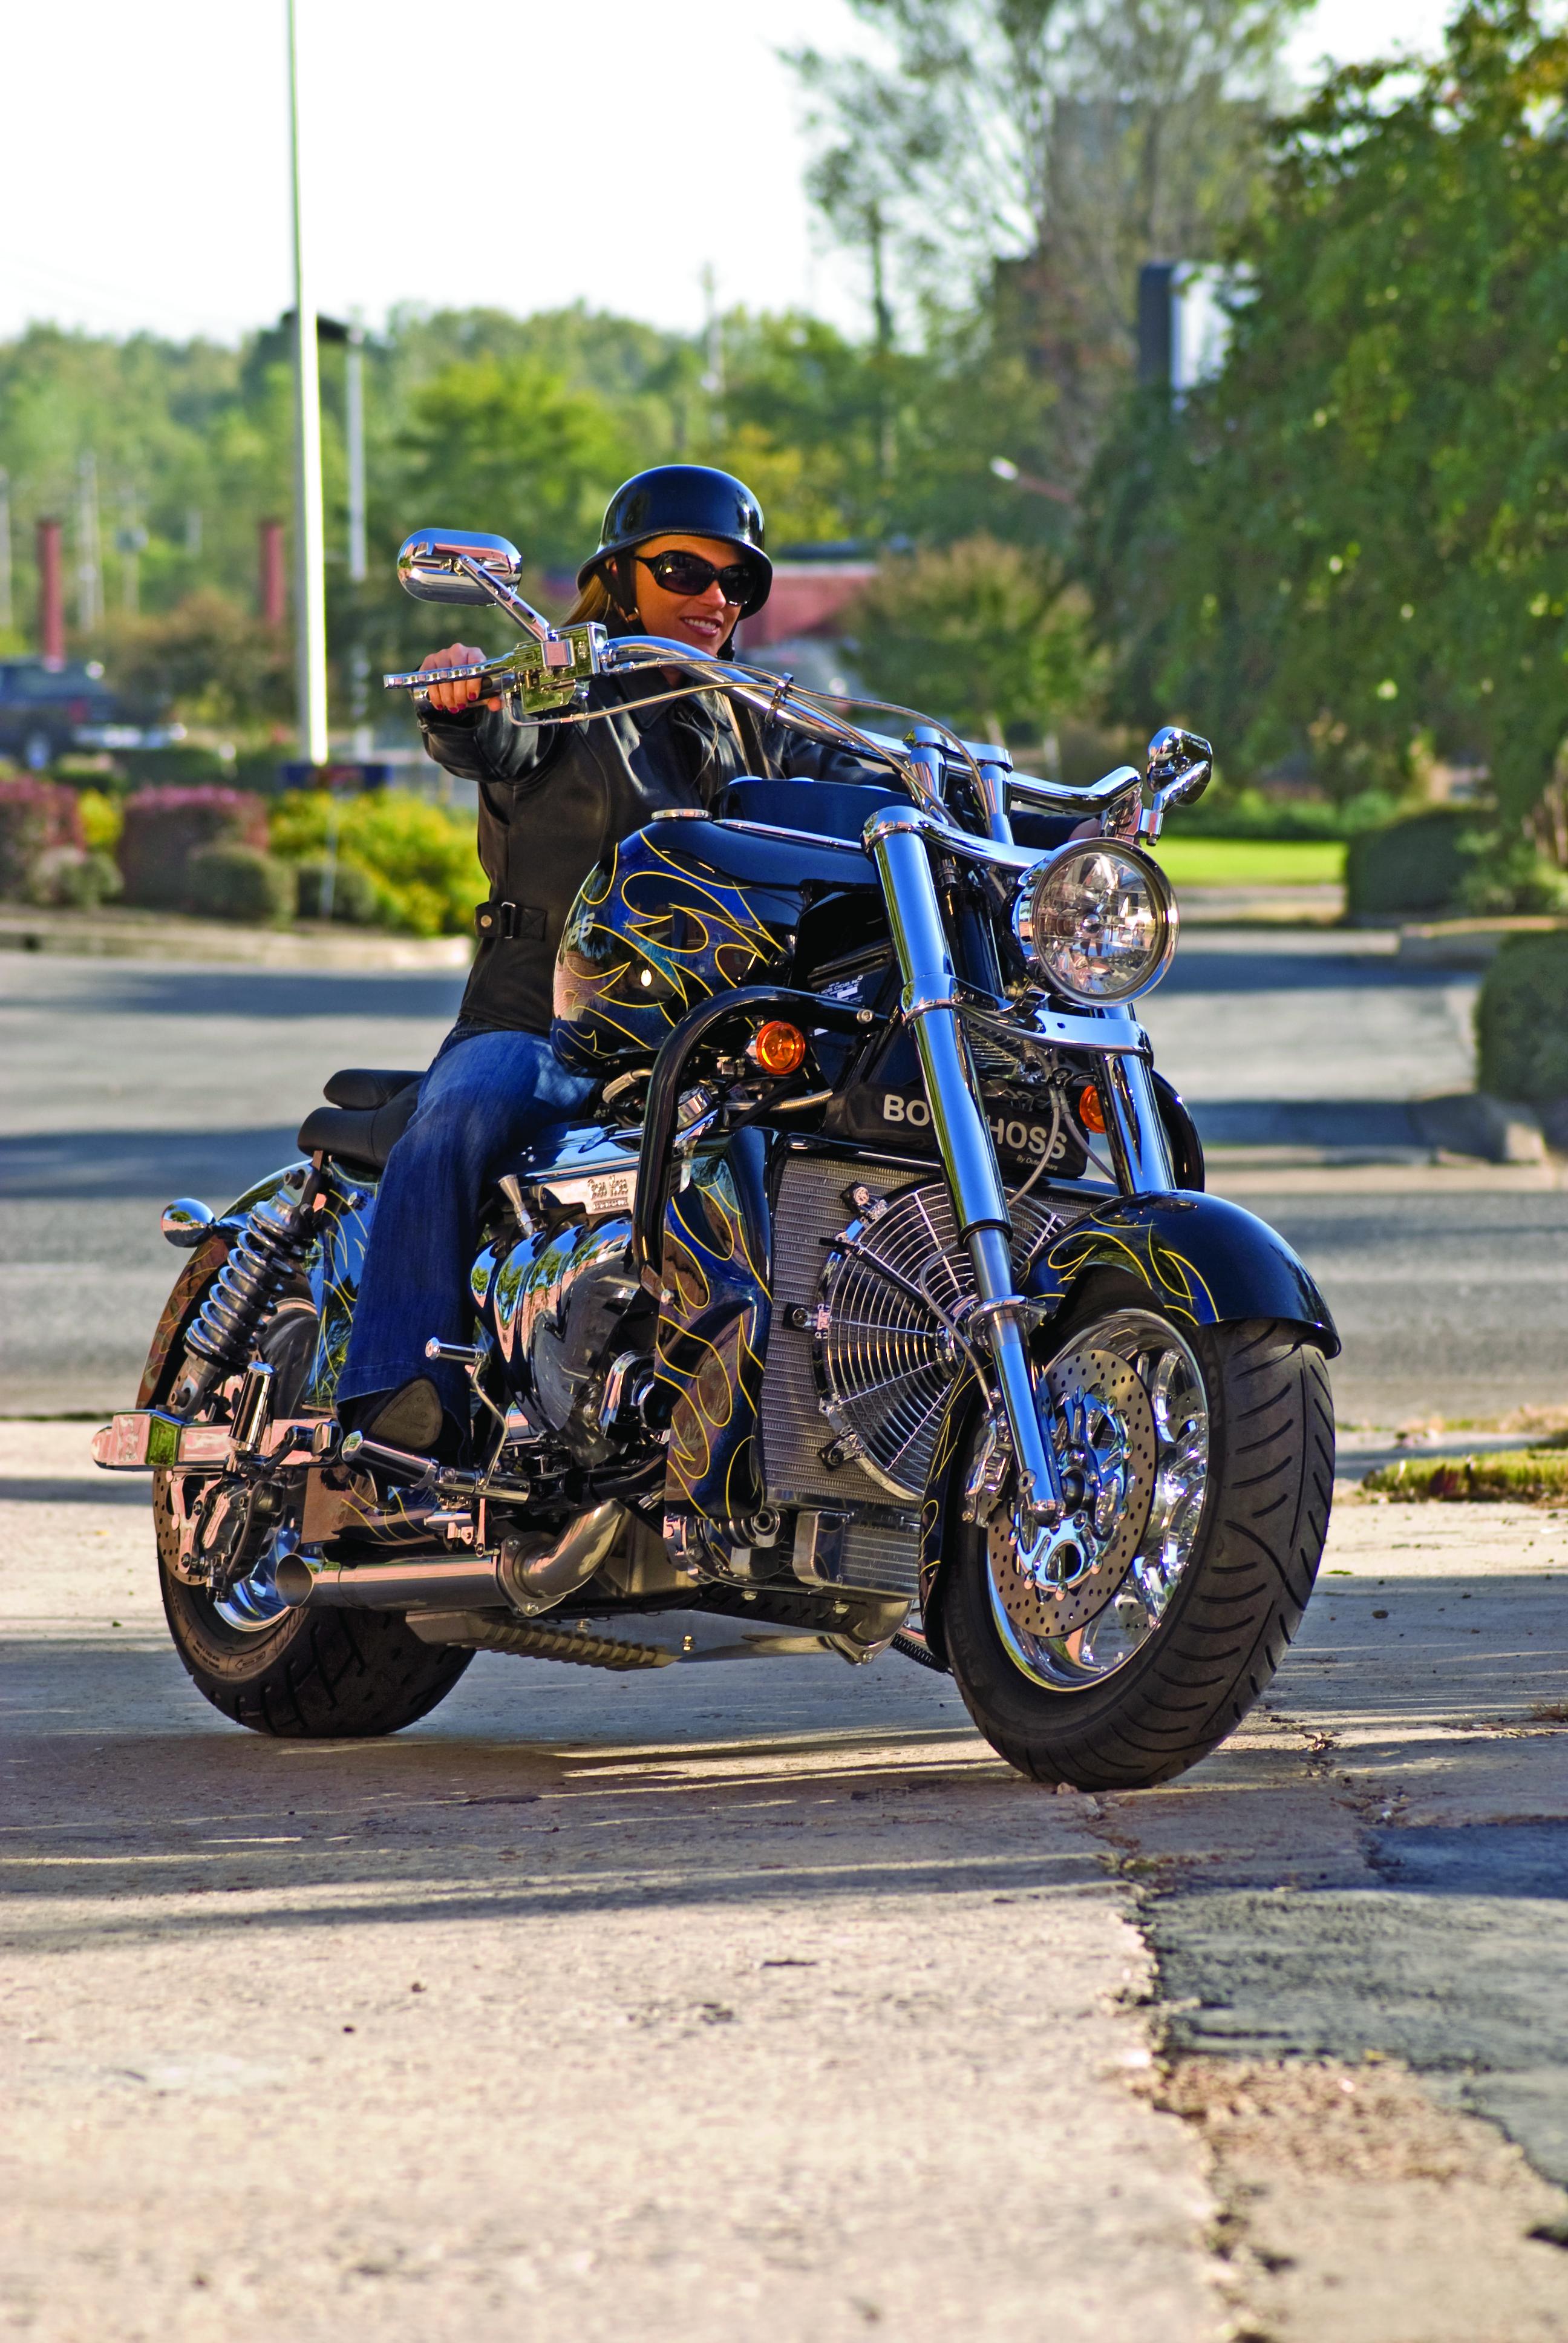 Bike - LS3 Standard 2